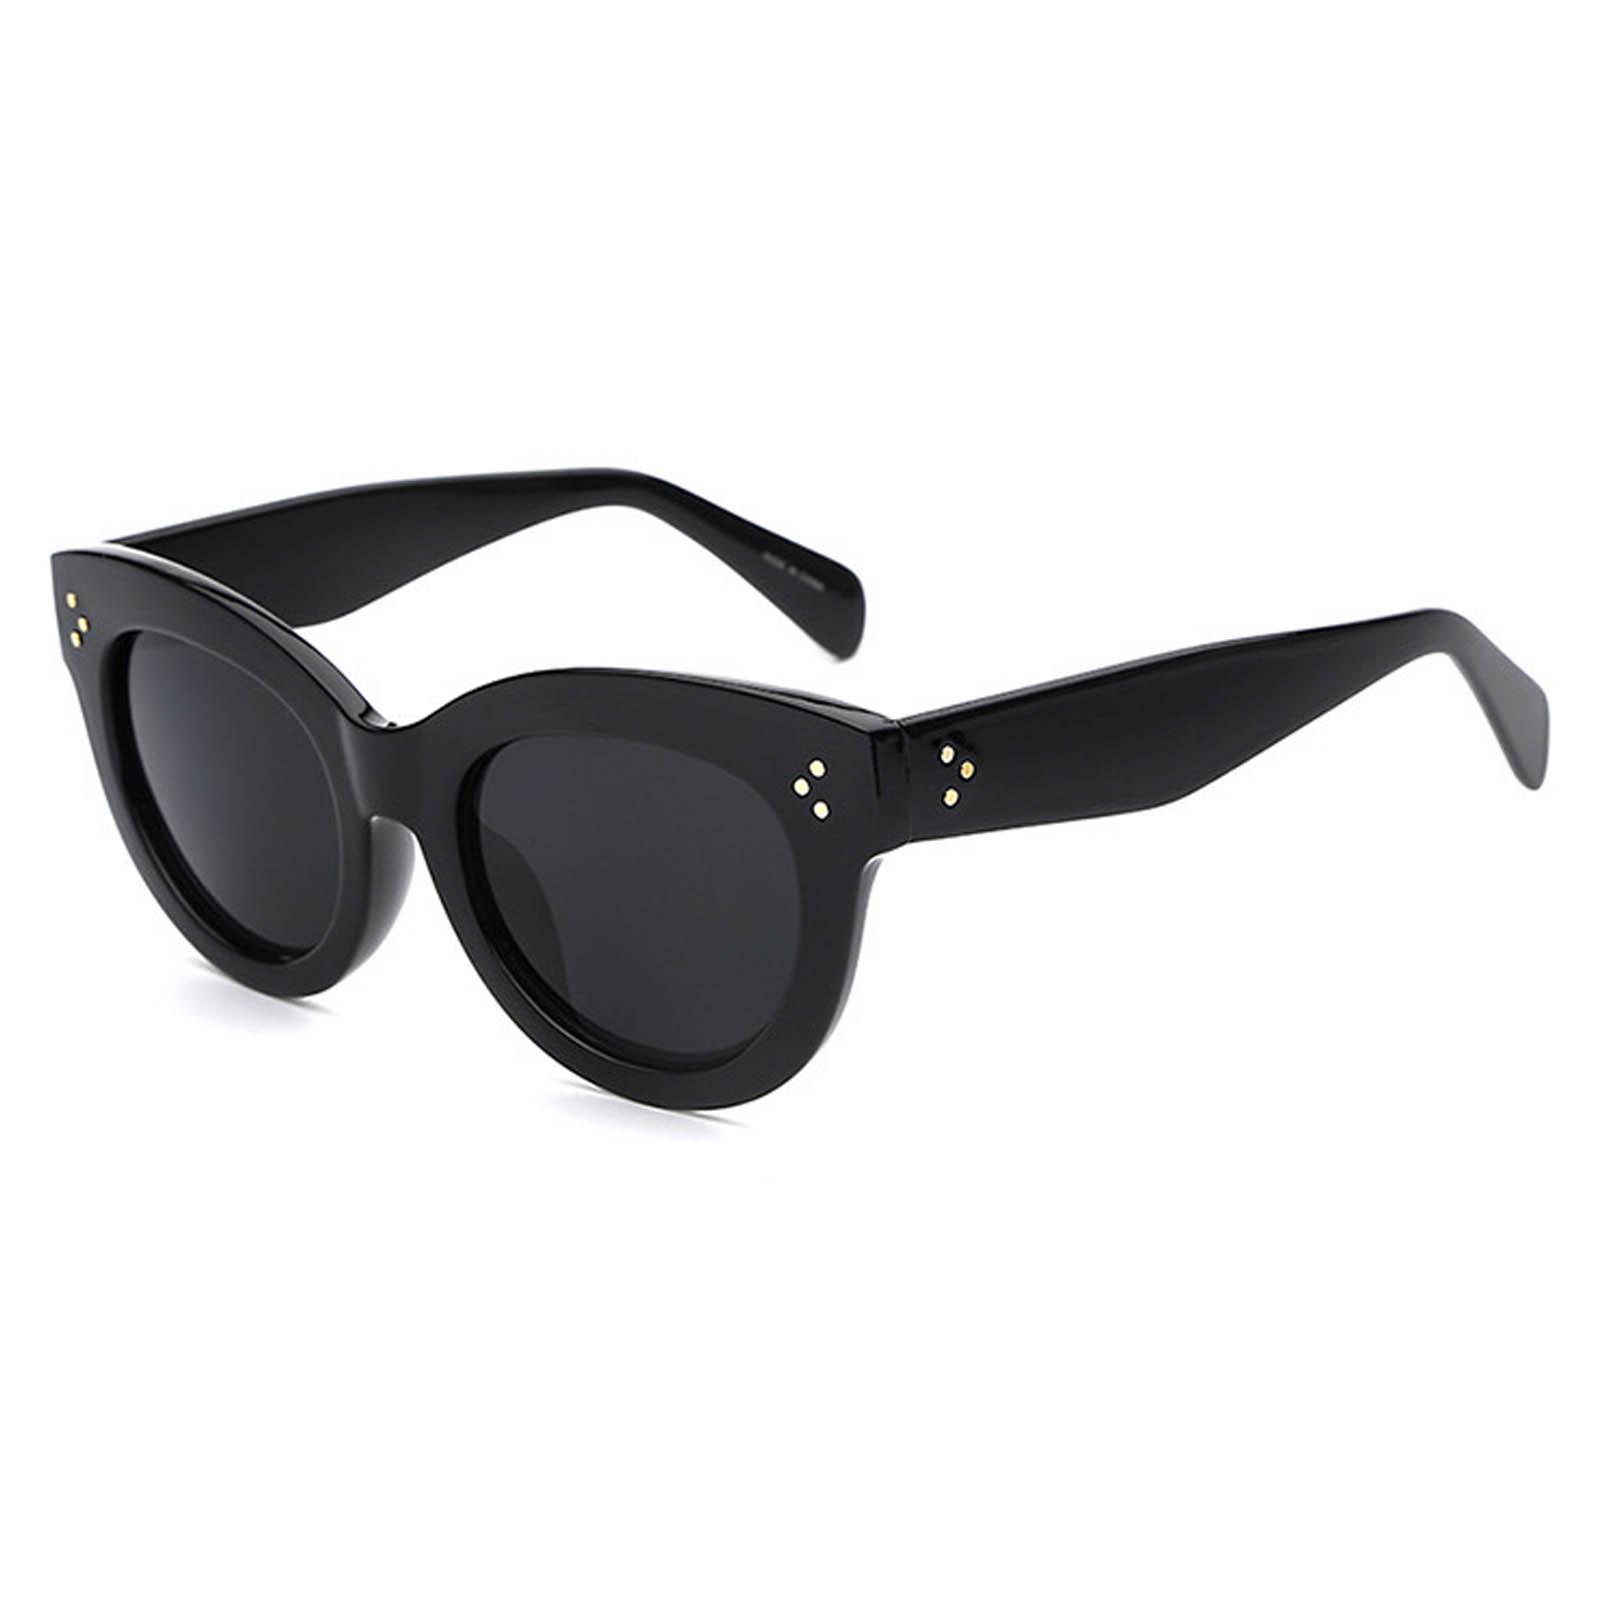 OWL ® 012 C1 Cat Eyewear Sunglasses Women's Men's Plastic Black Frame Black Lens One Pair